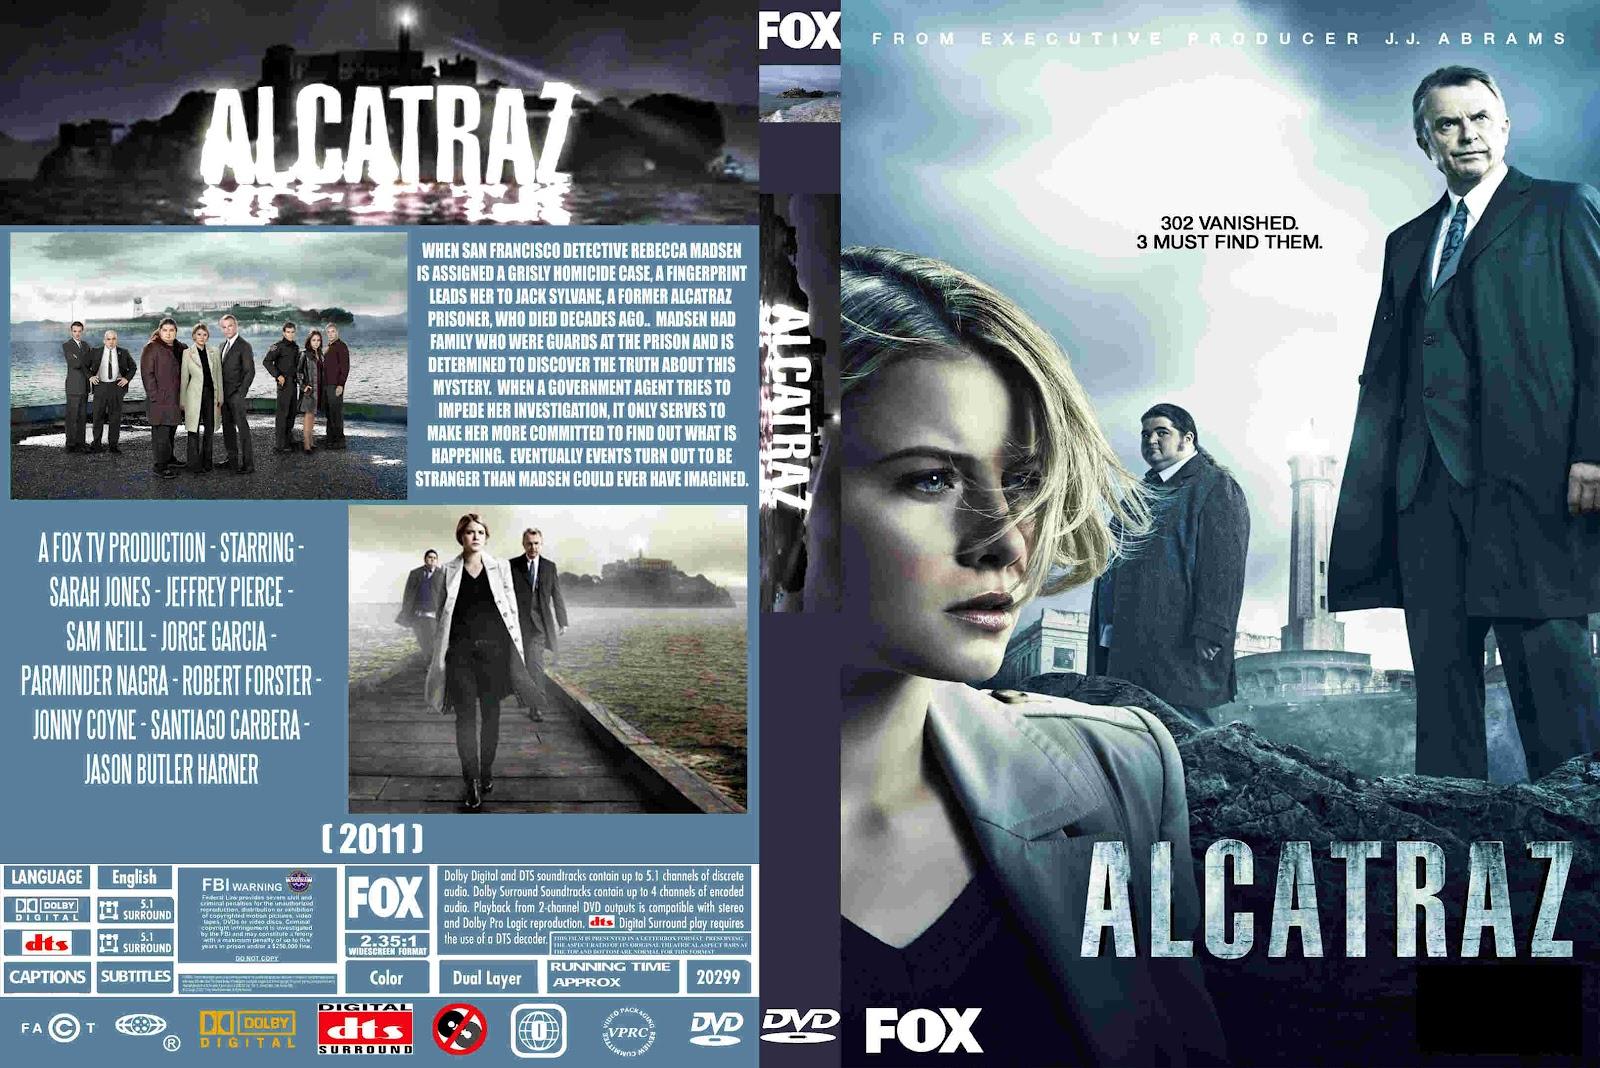 http://2.bp.blogspot.com/-3PHEsVF4rAk/T3p_kw2NwrI/AAAAAAAAQLg/MJyb6m1PHso/s1600/Alcatraz__Season_1_%282012%29.jpg